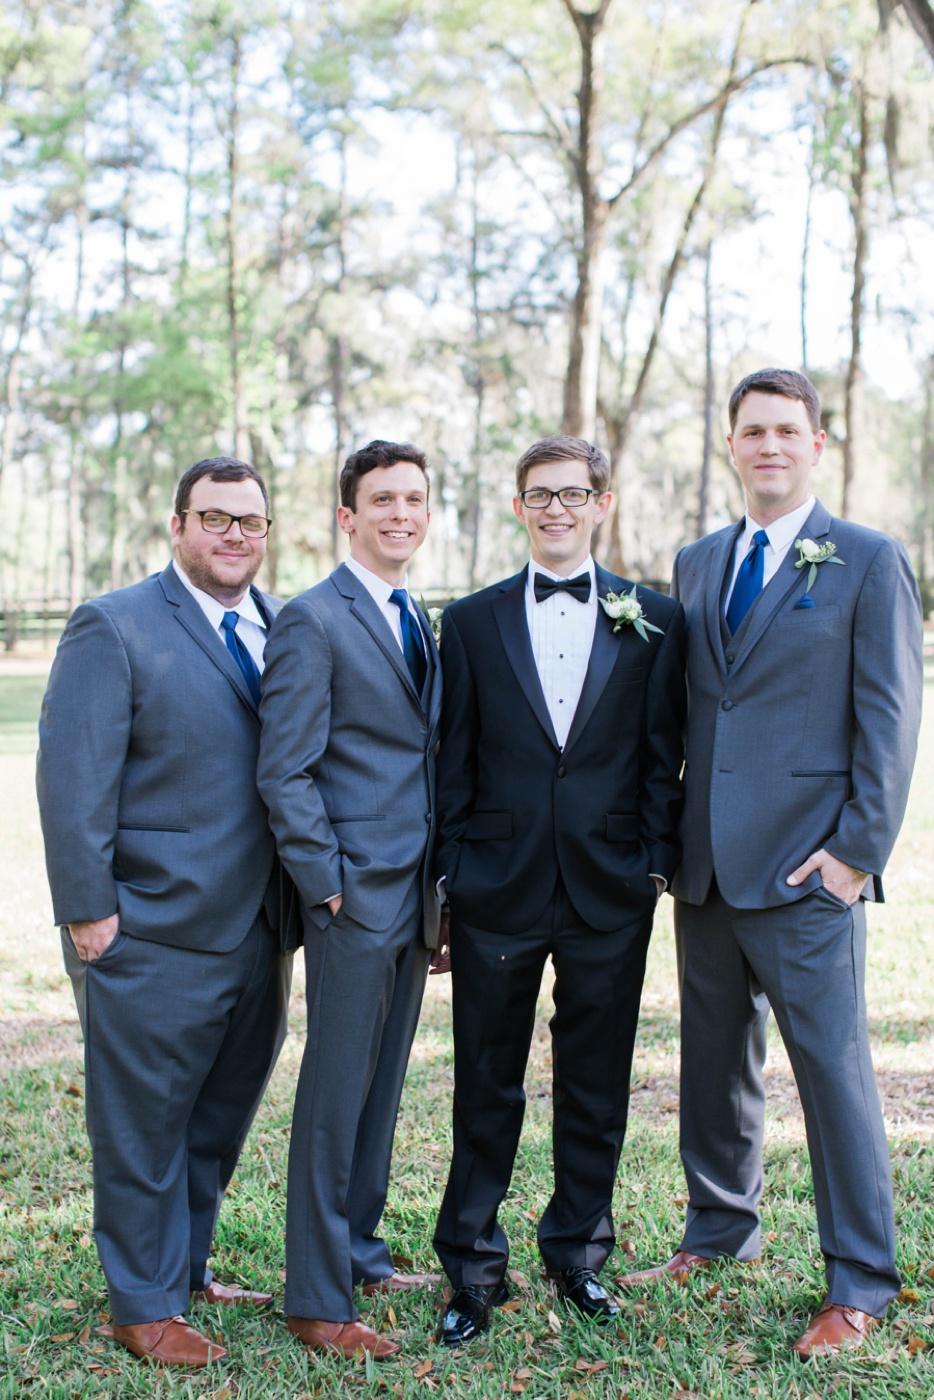 groomsmen-wedding-photo